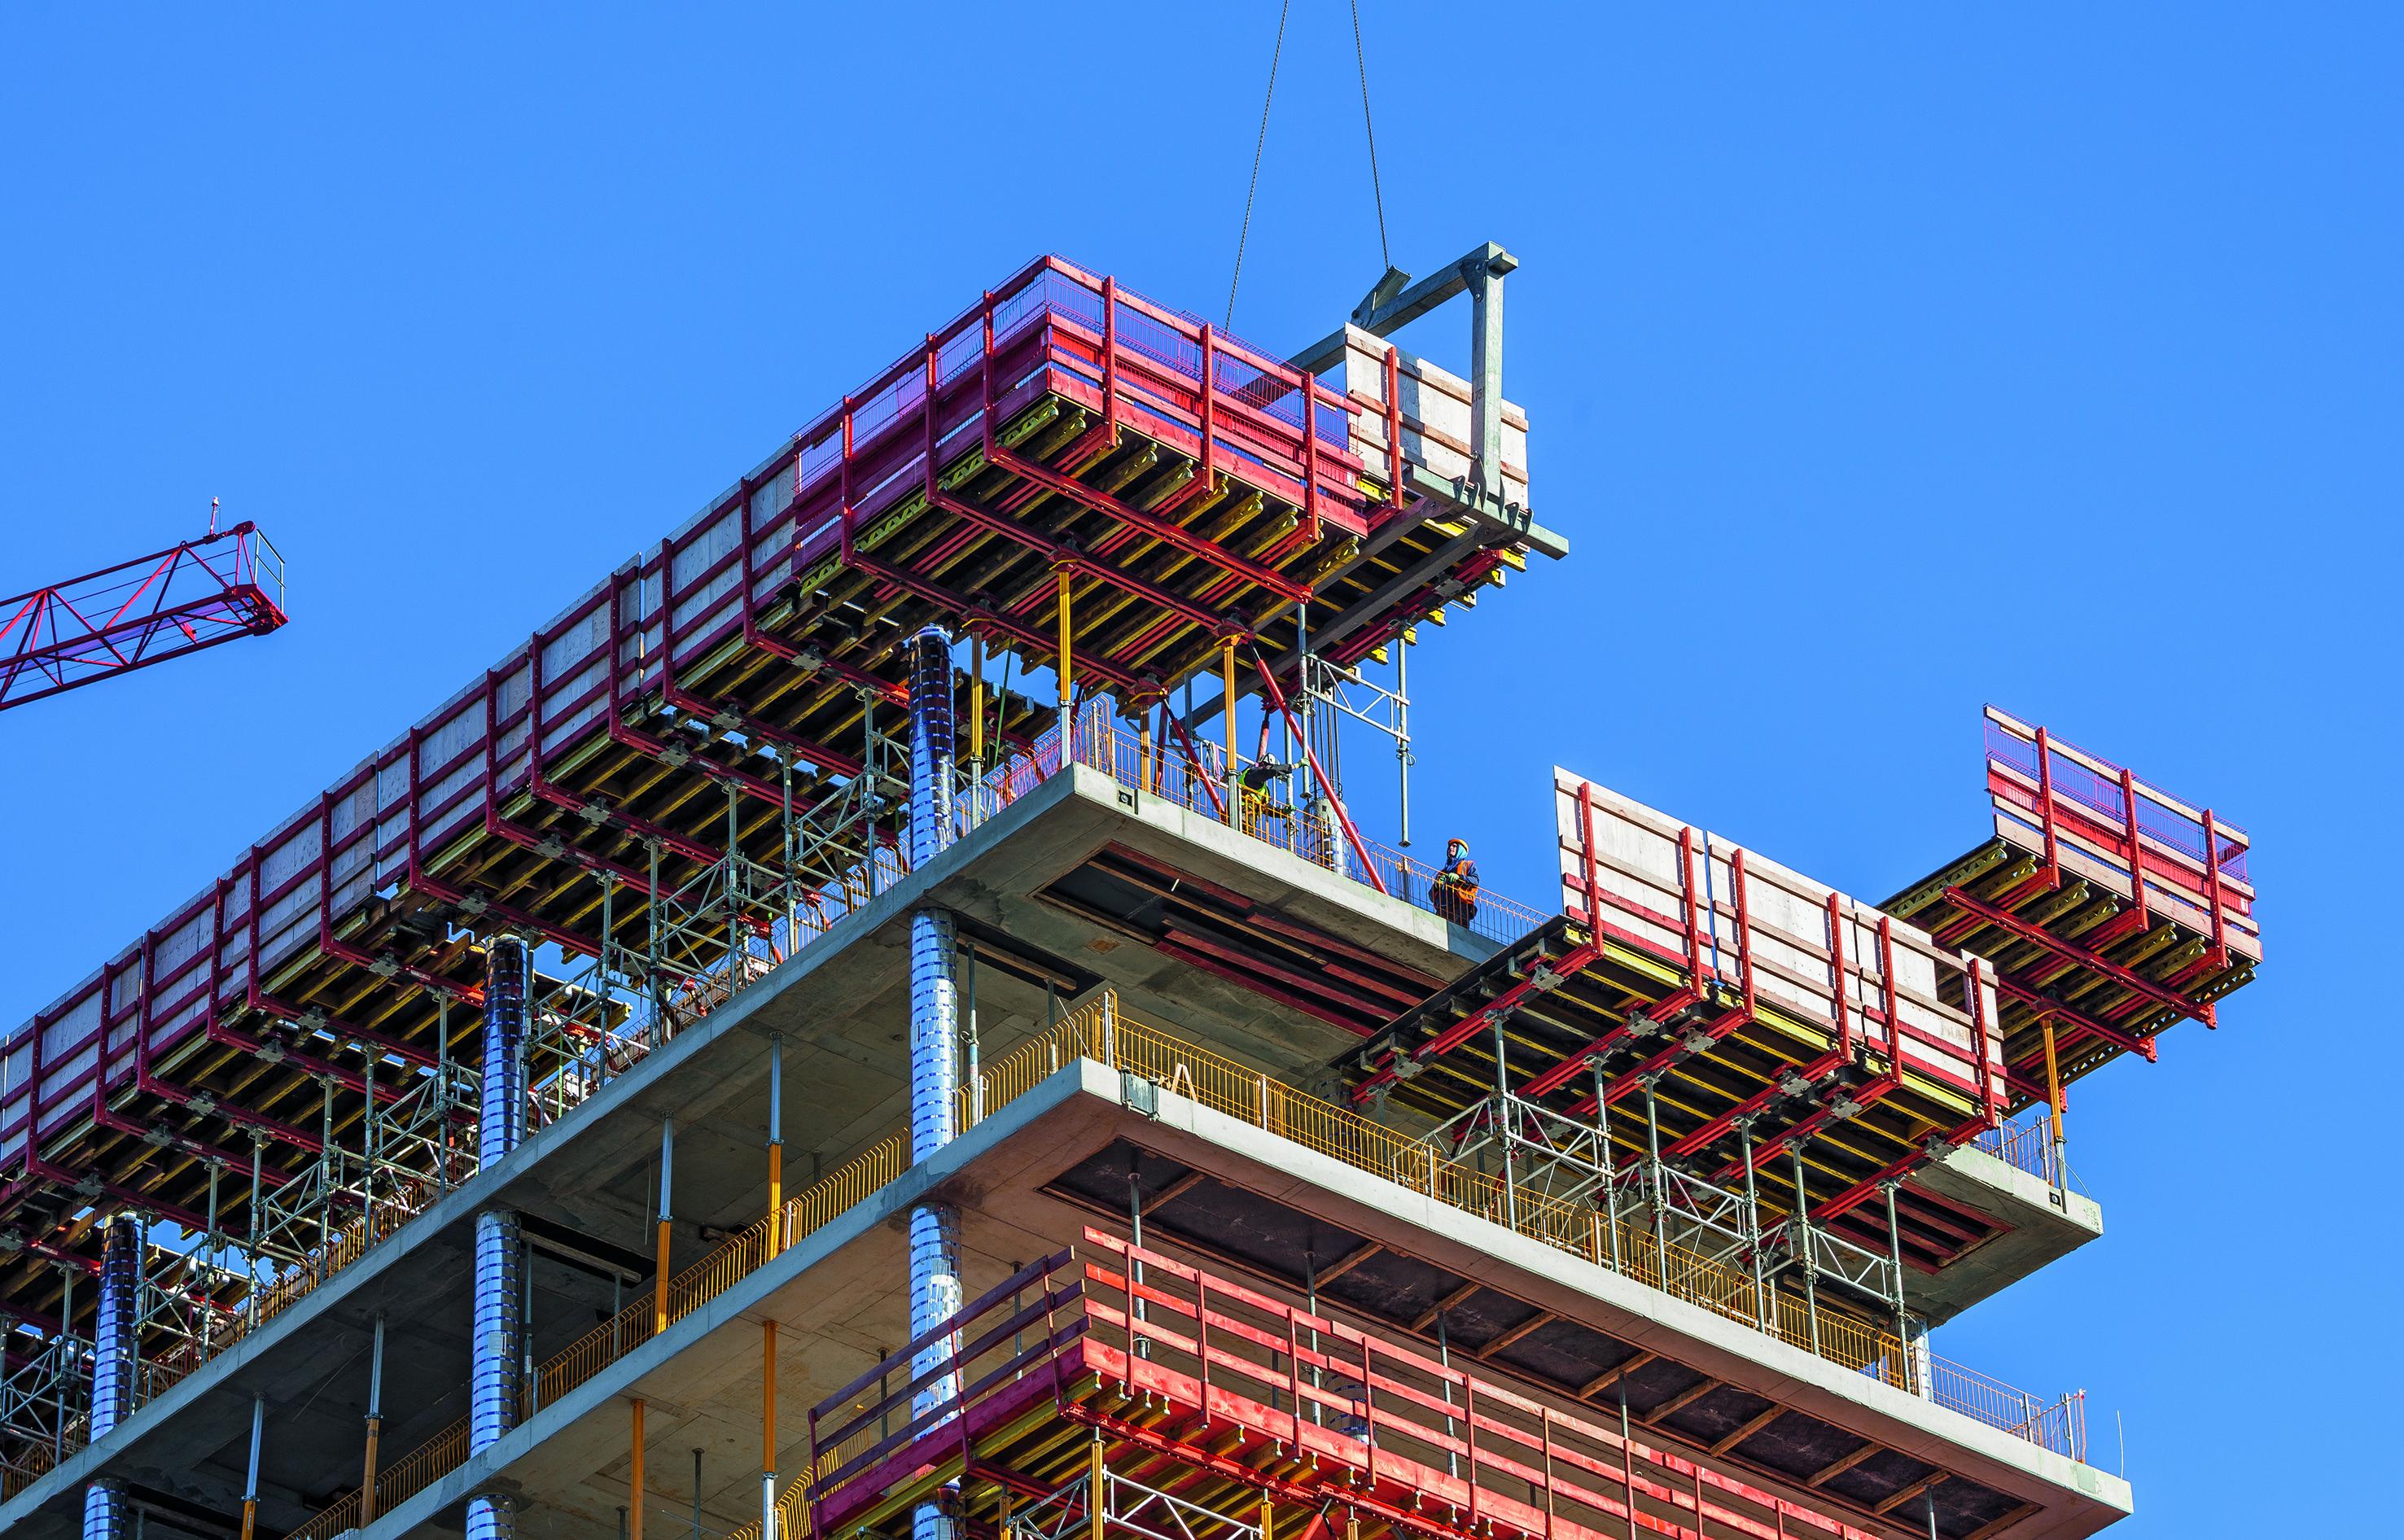 Wichtiger Bestandteil der PERI Schalungs- und Gerüstlösung waren die VARIODECK Randdeckentische mit geschlossener Absturzsicherung. Dadurch konnten auch die nachfolgenden Fassadenarbeiten gefahrlos ausgeführt werden. (Foto: PERI GmbH)